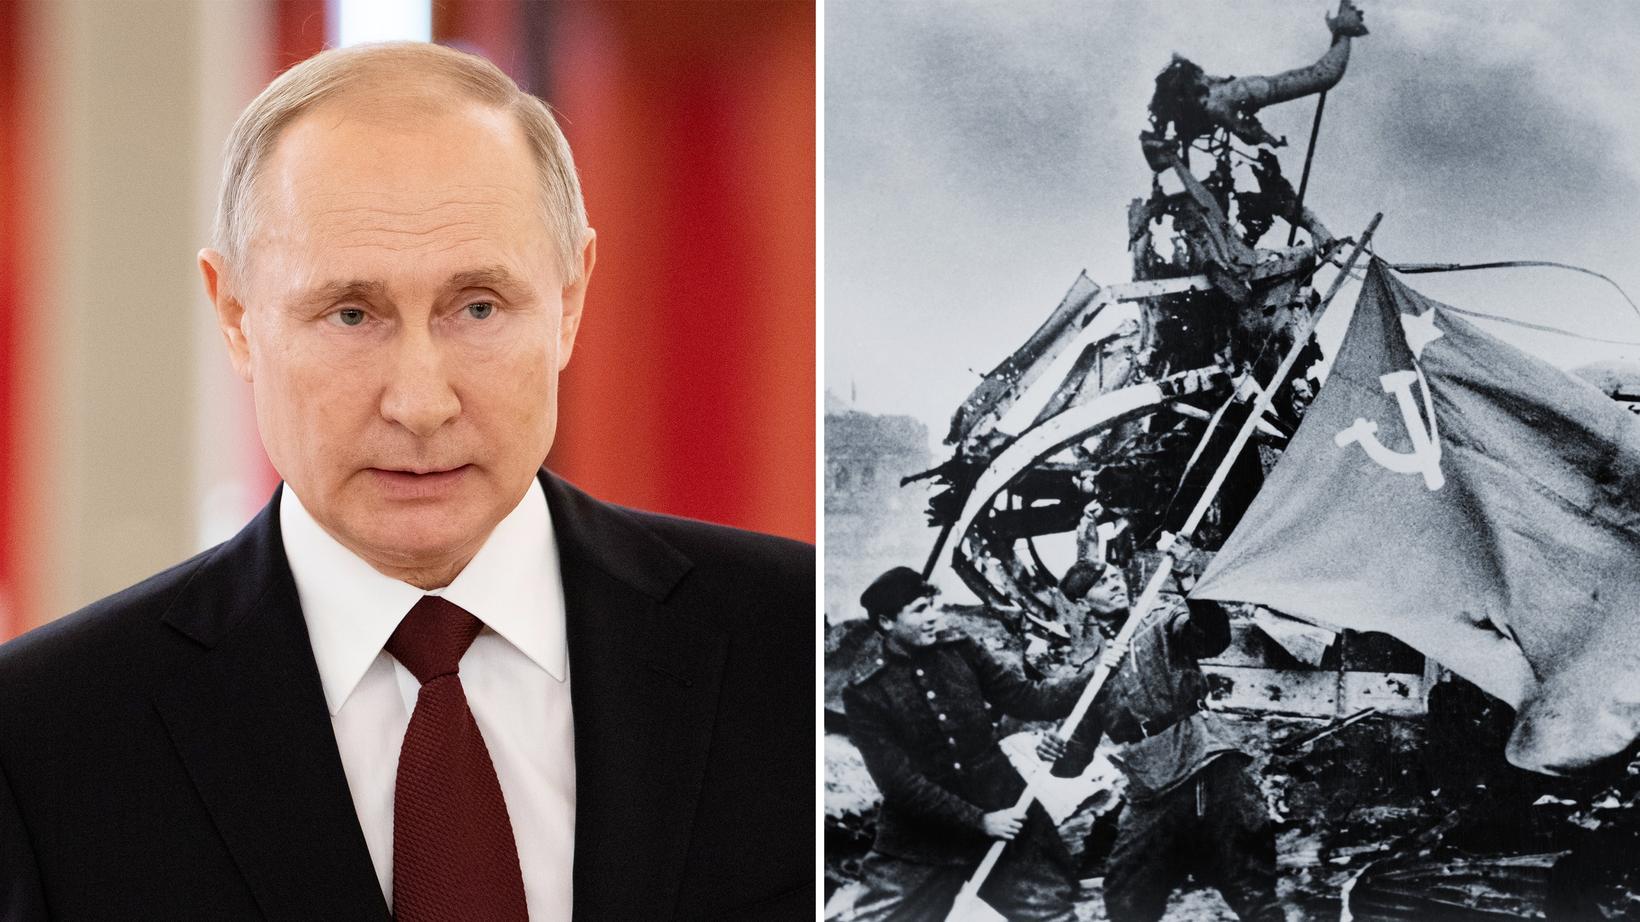 Überfall auf die Sowjetunion: Wladimir Putin; russische Soldaten hissen die sowjetische Flagge am Brandenburger Tor am 2. Mai 1945